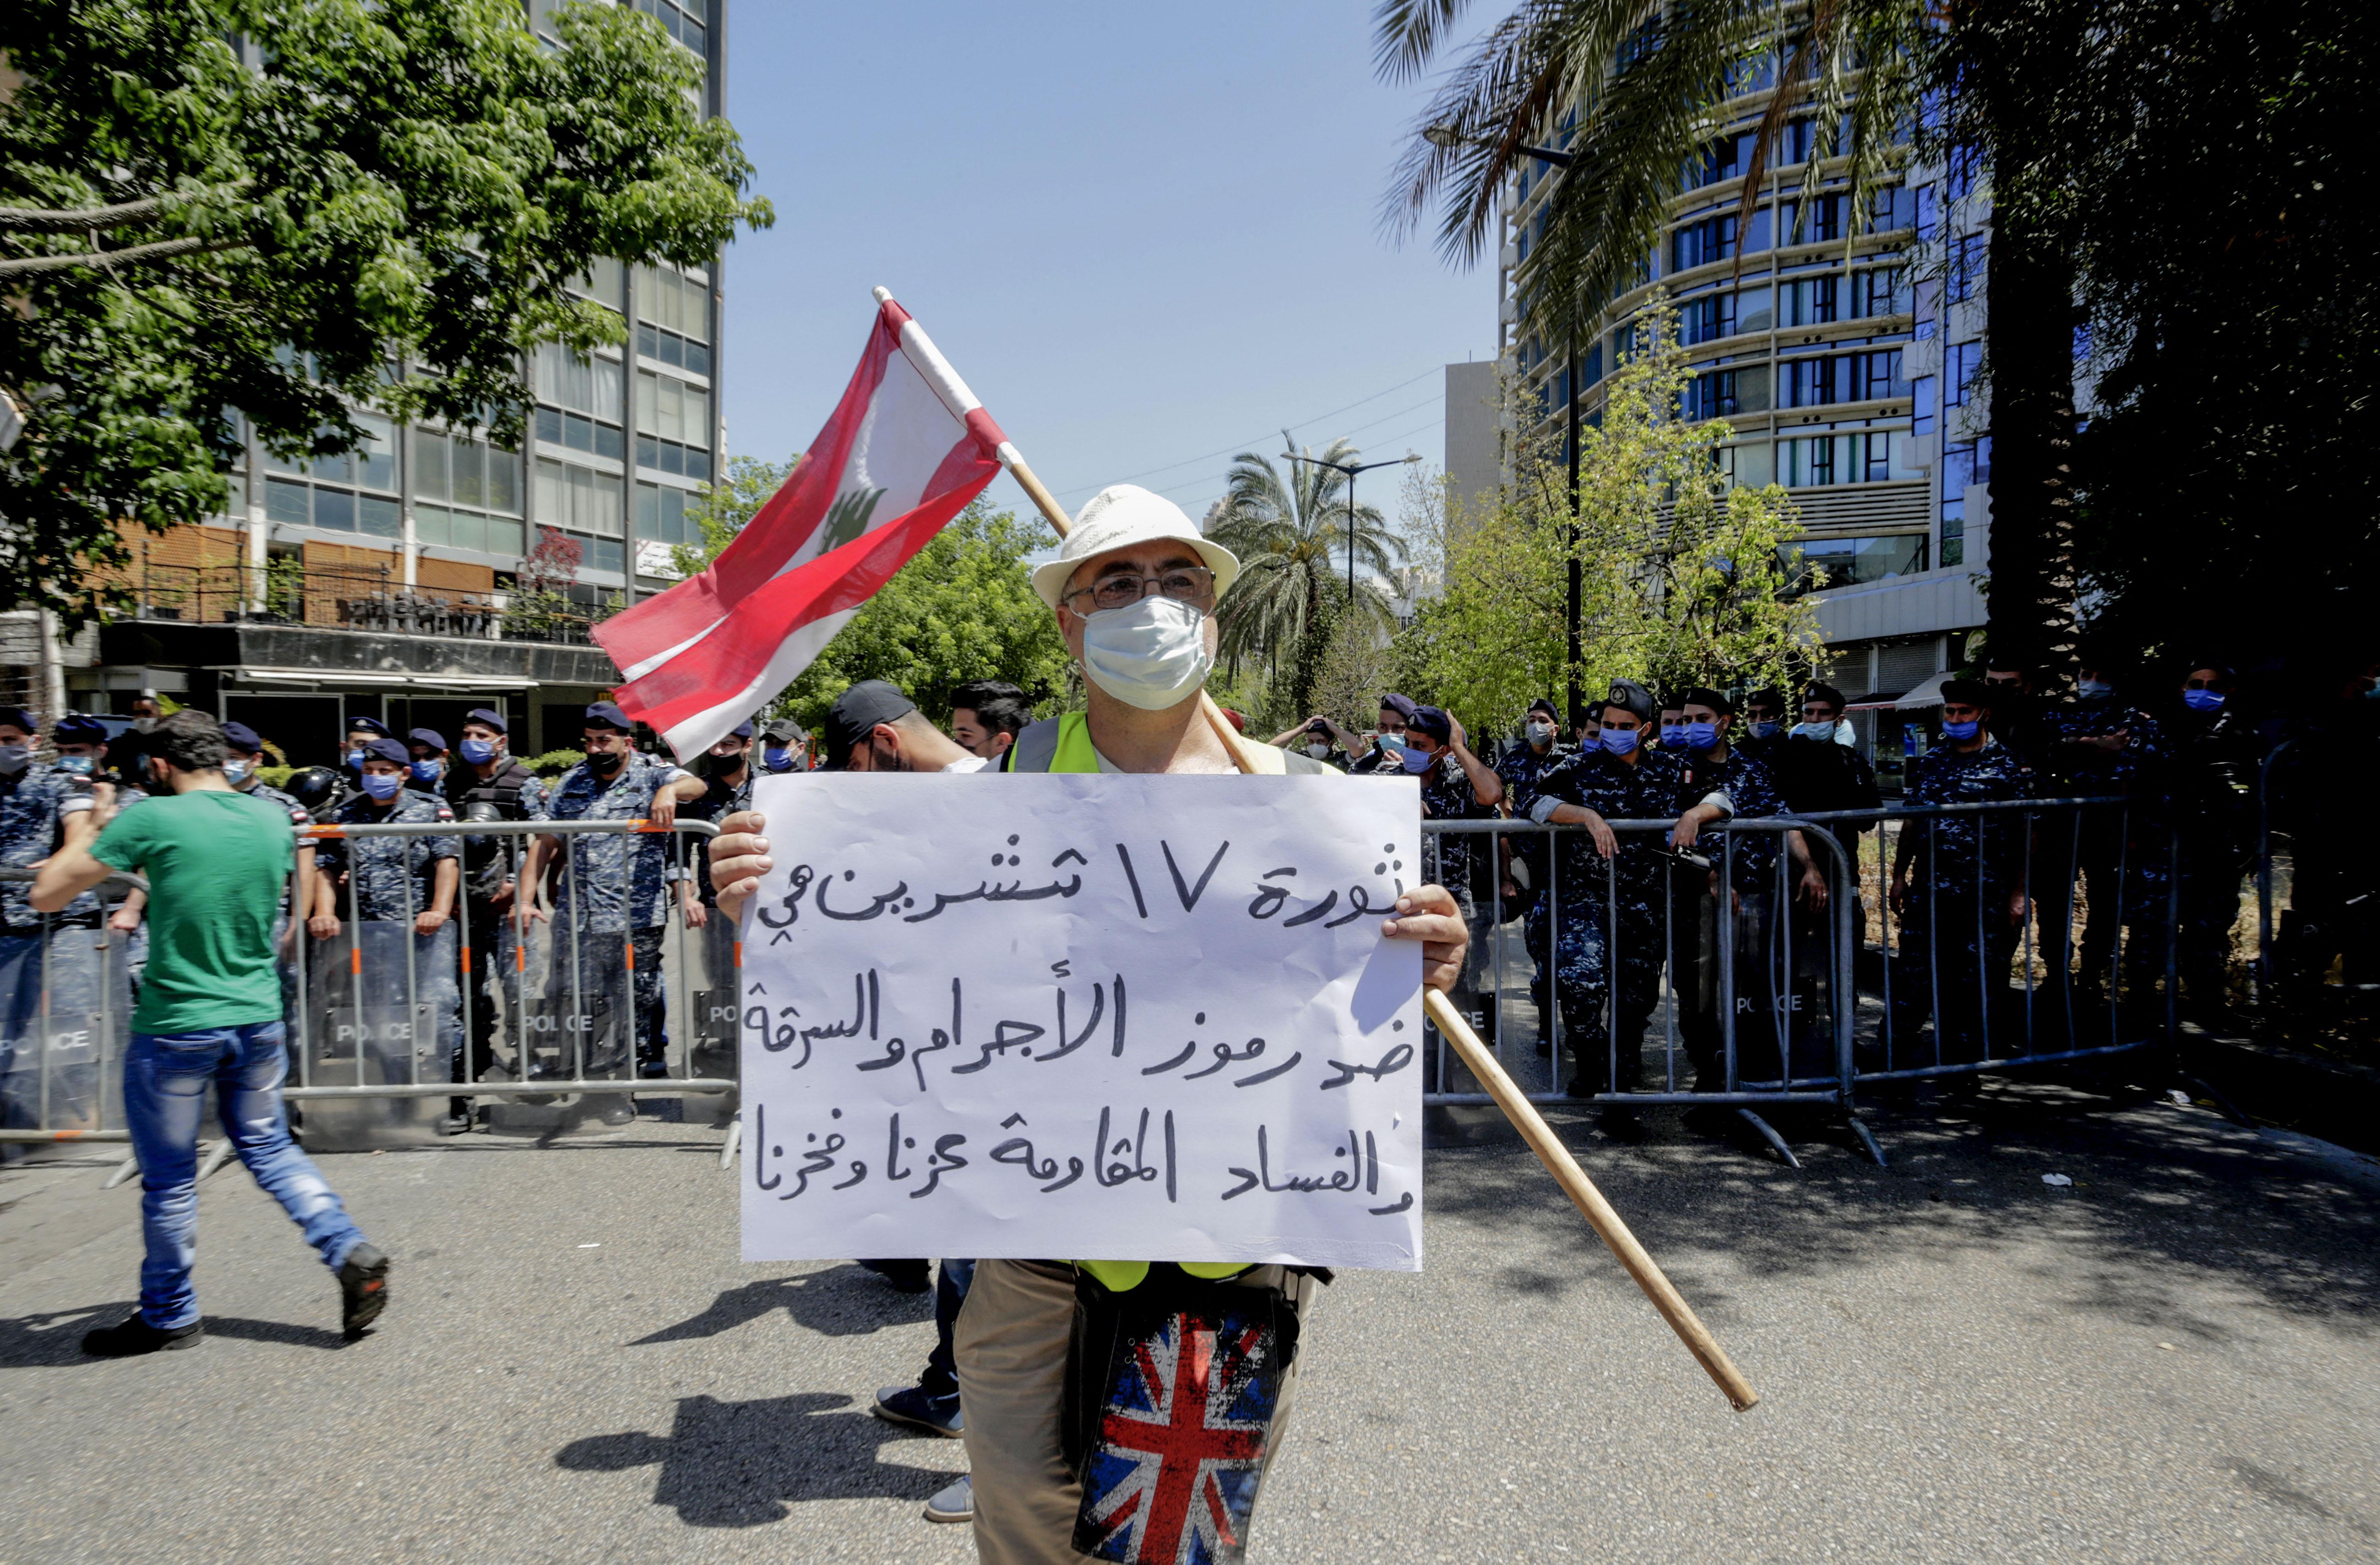 الانهيار المالي دفع نصف سكان لبنان إلى ما دون خط الفقر